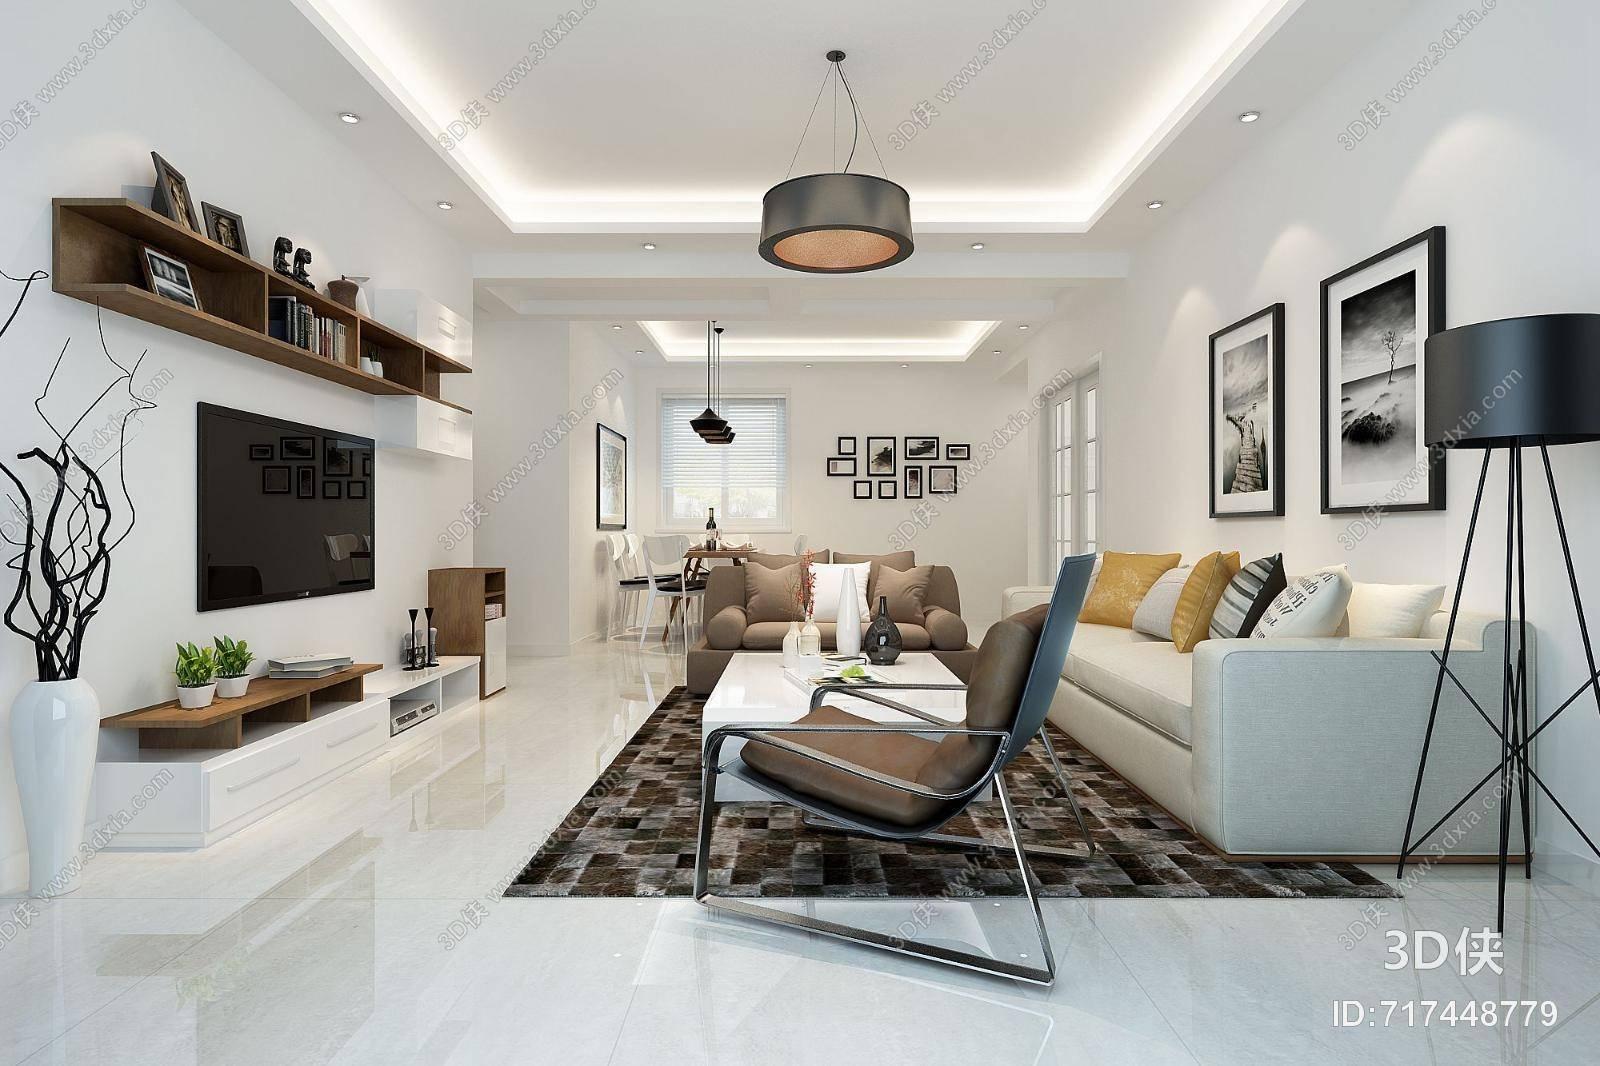 现代家居客厅 现代布艺沙发茶几组合 现代白色木艺电视柜 现代黑色铁艺吊灯